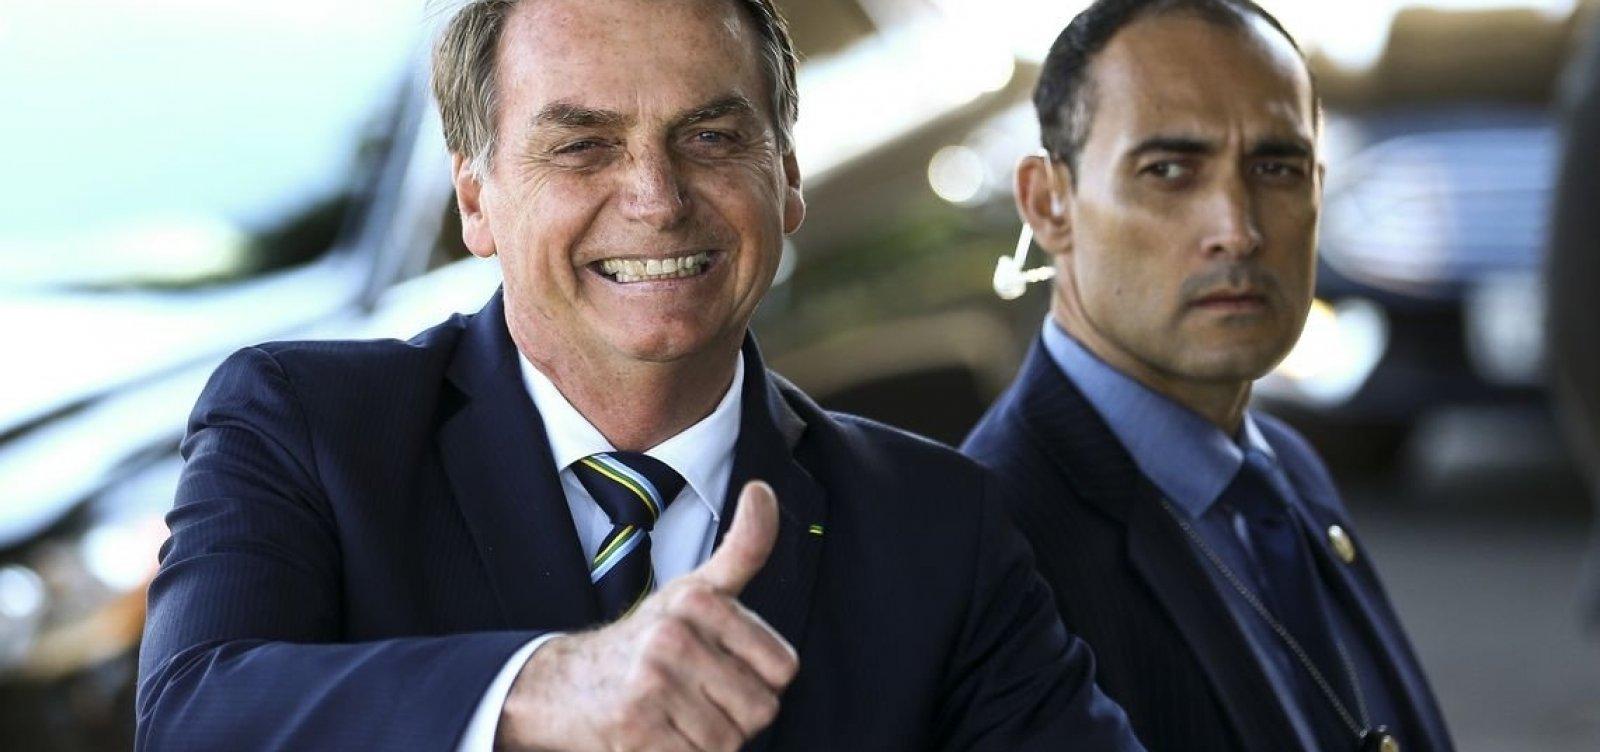 'Por enquanto, sem alteração', diz Bolsonaro sobre indicação de Eduardo como embaixador